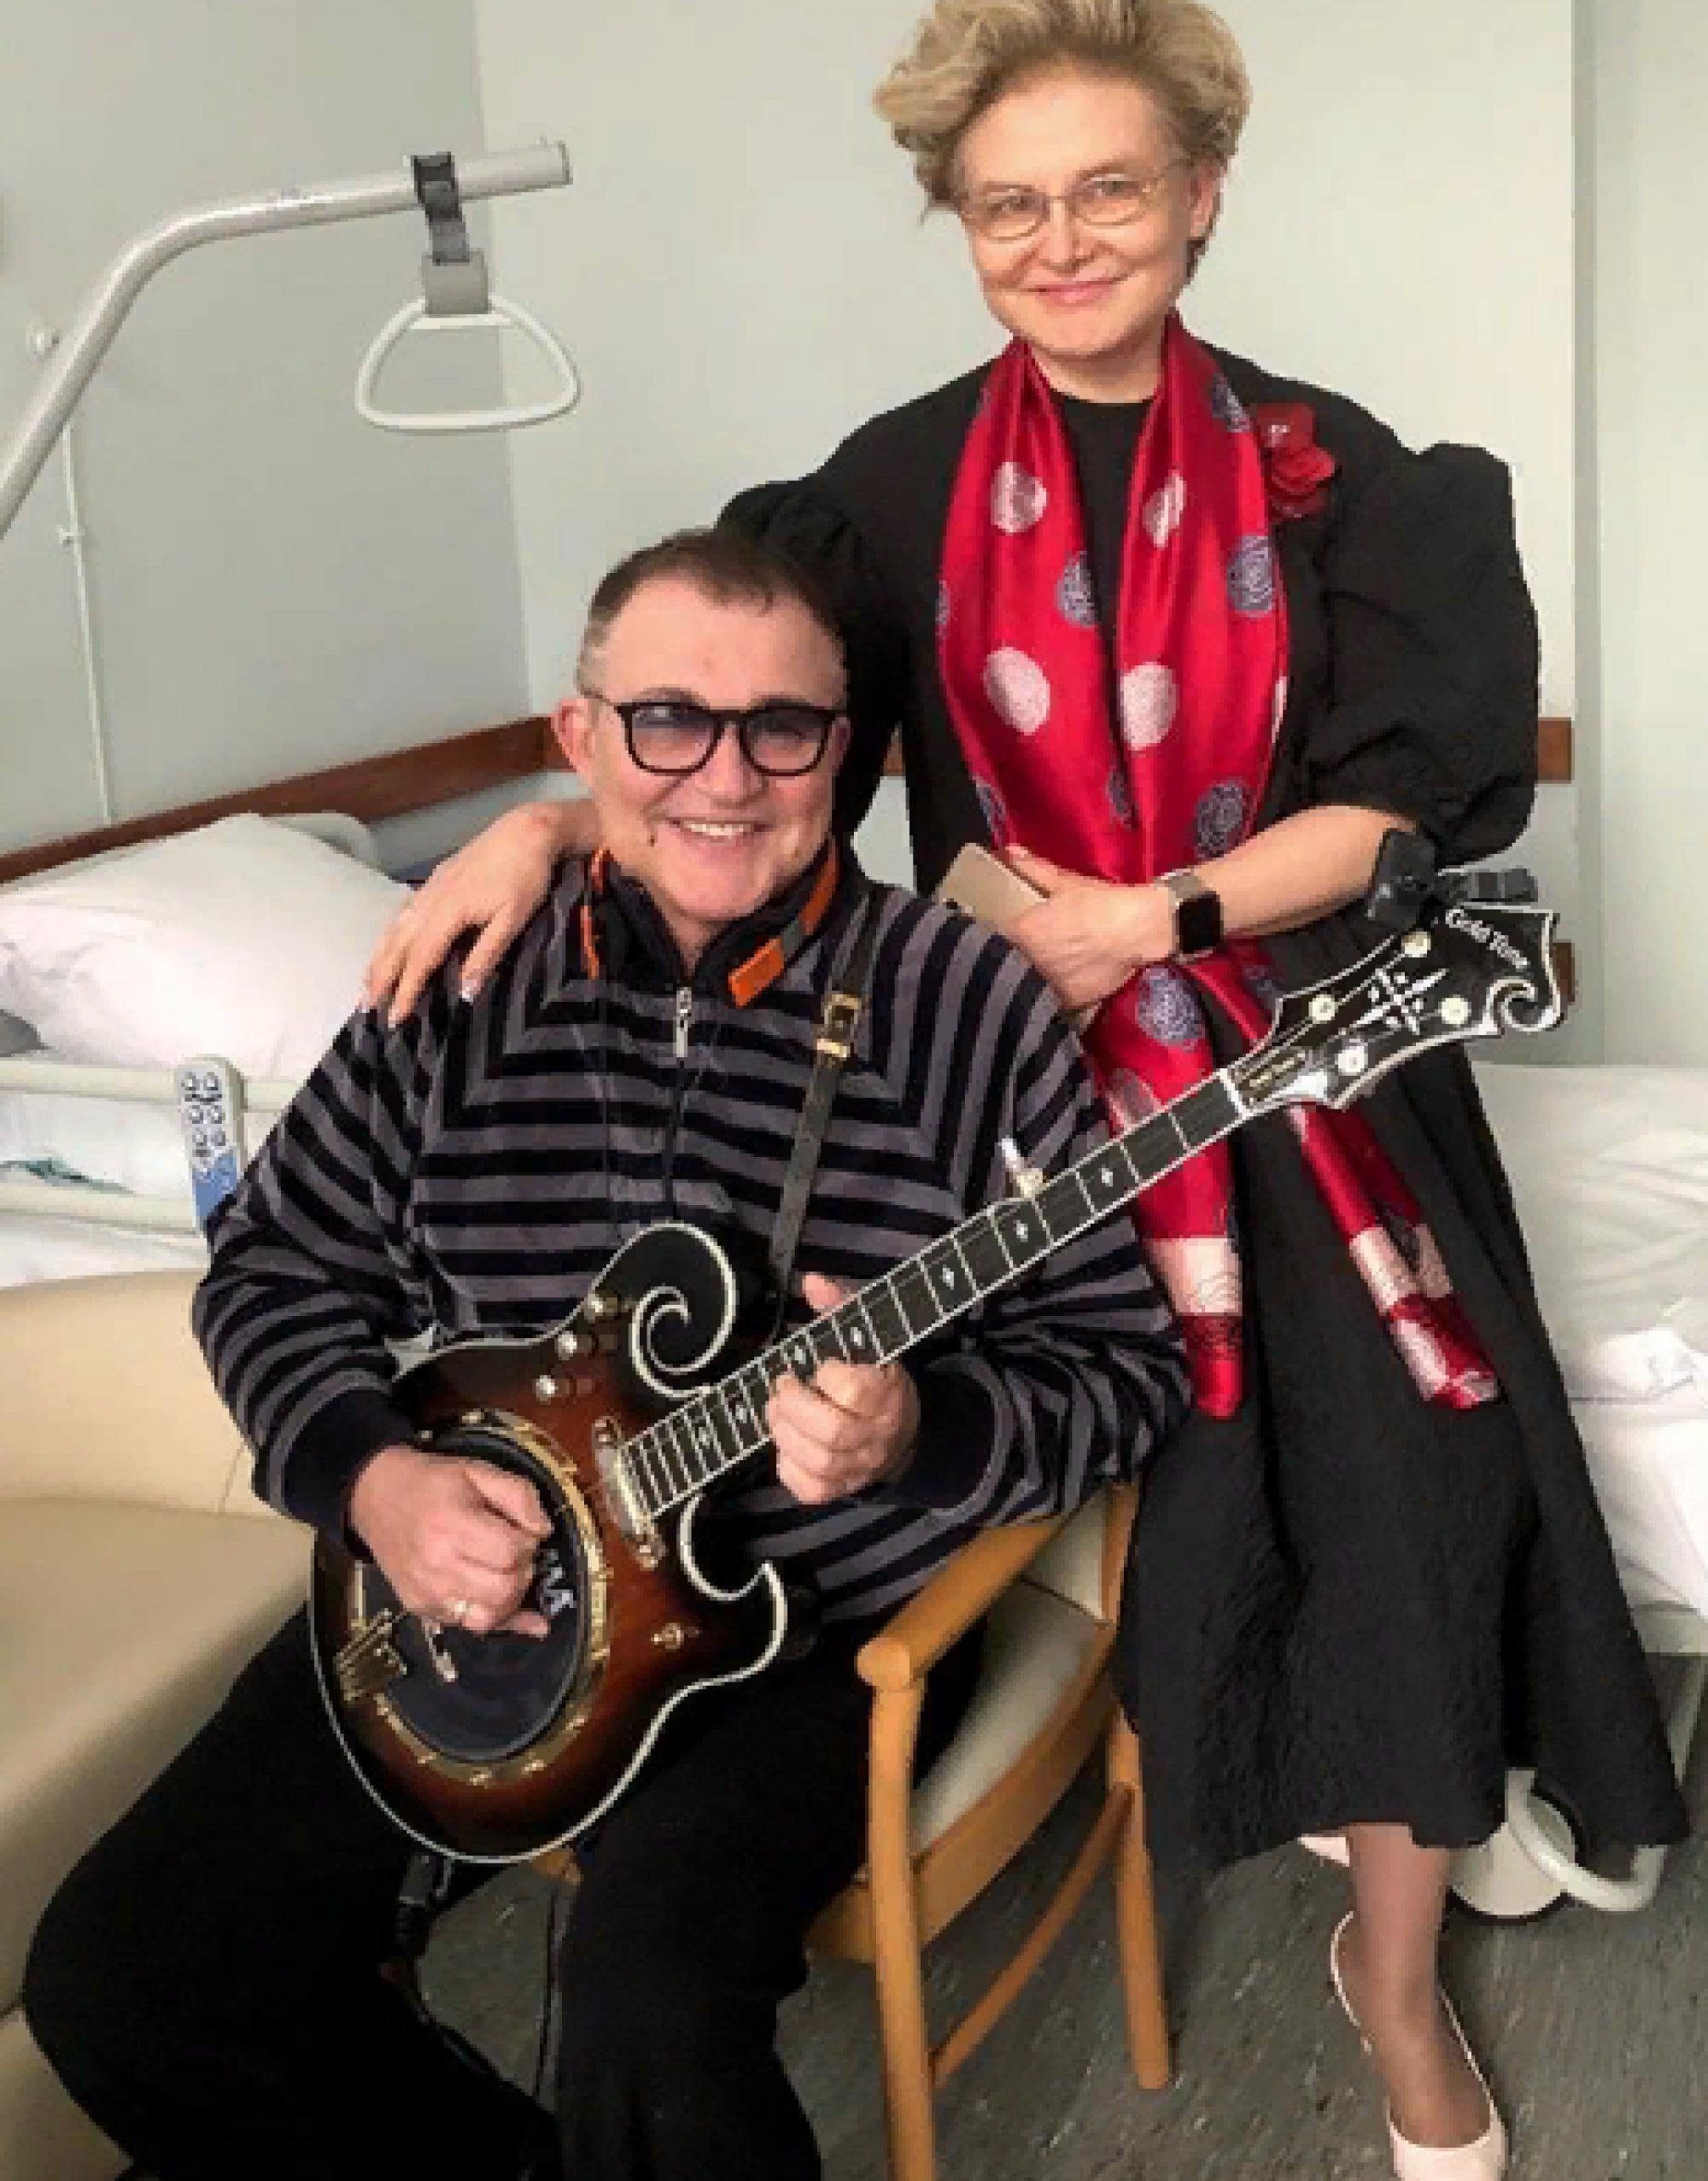 Елена Малышева посетила палату Дмитрия Диброва в больнице